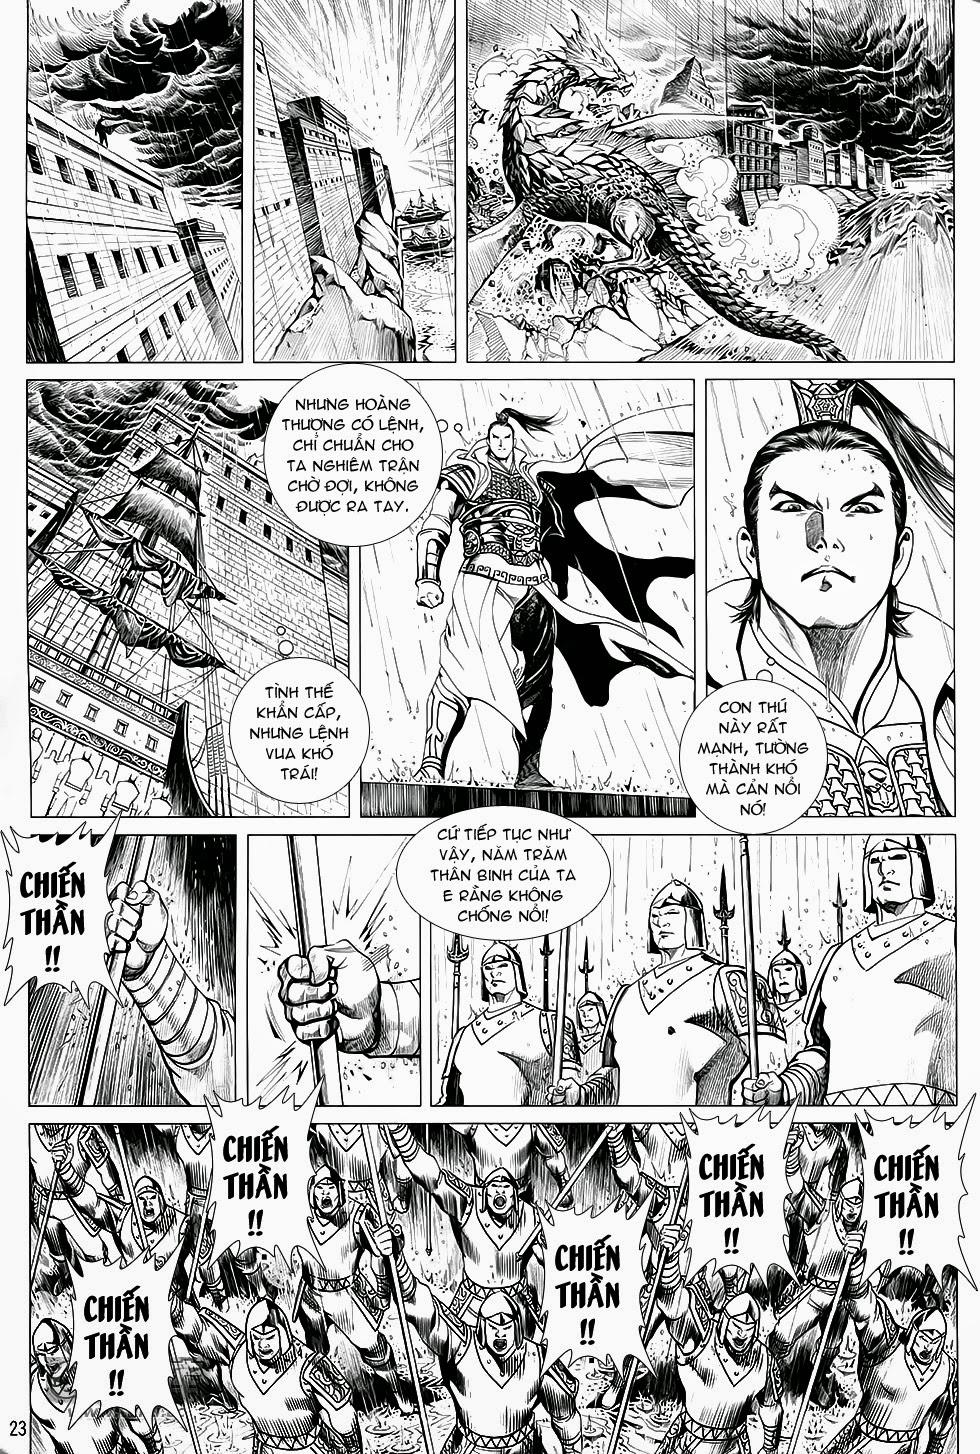 xem truyen moi - CHIẾN PHỔ - Chapter 1: Chiến Thần Lan Lăng Vương